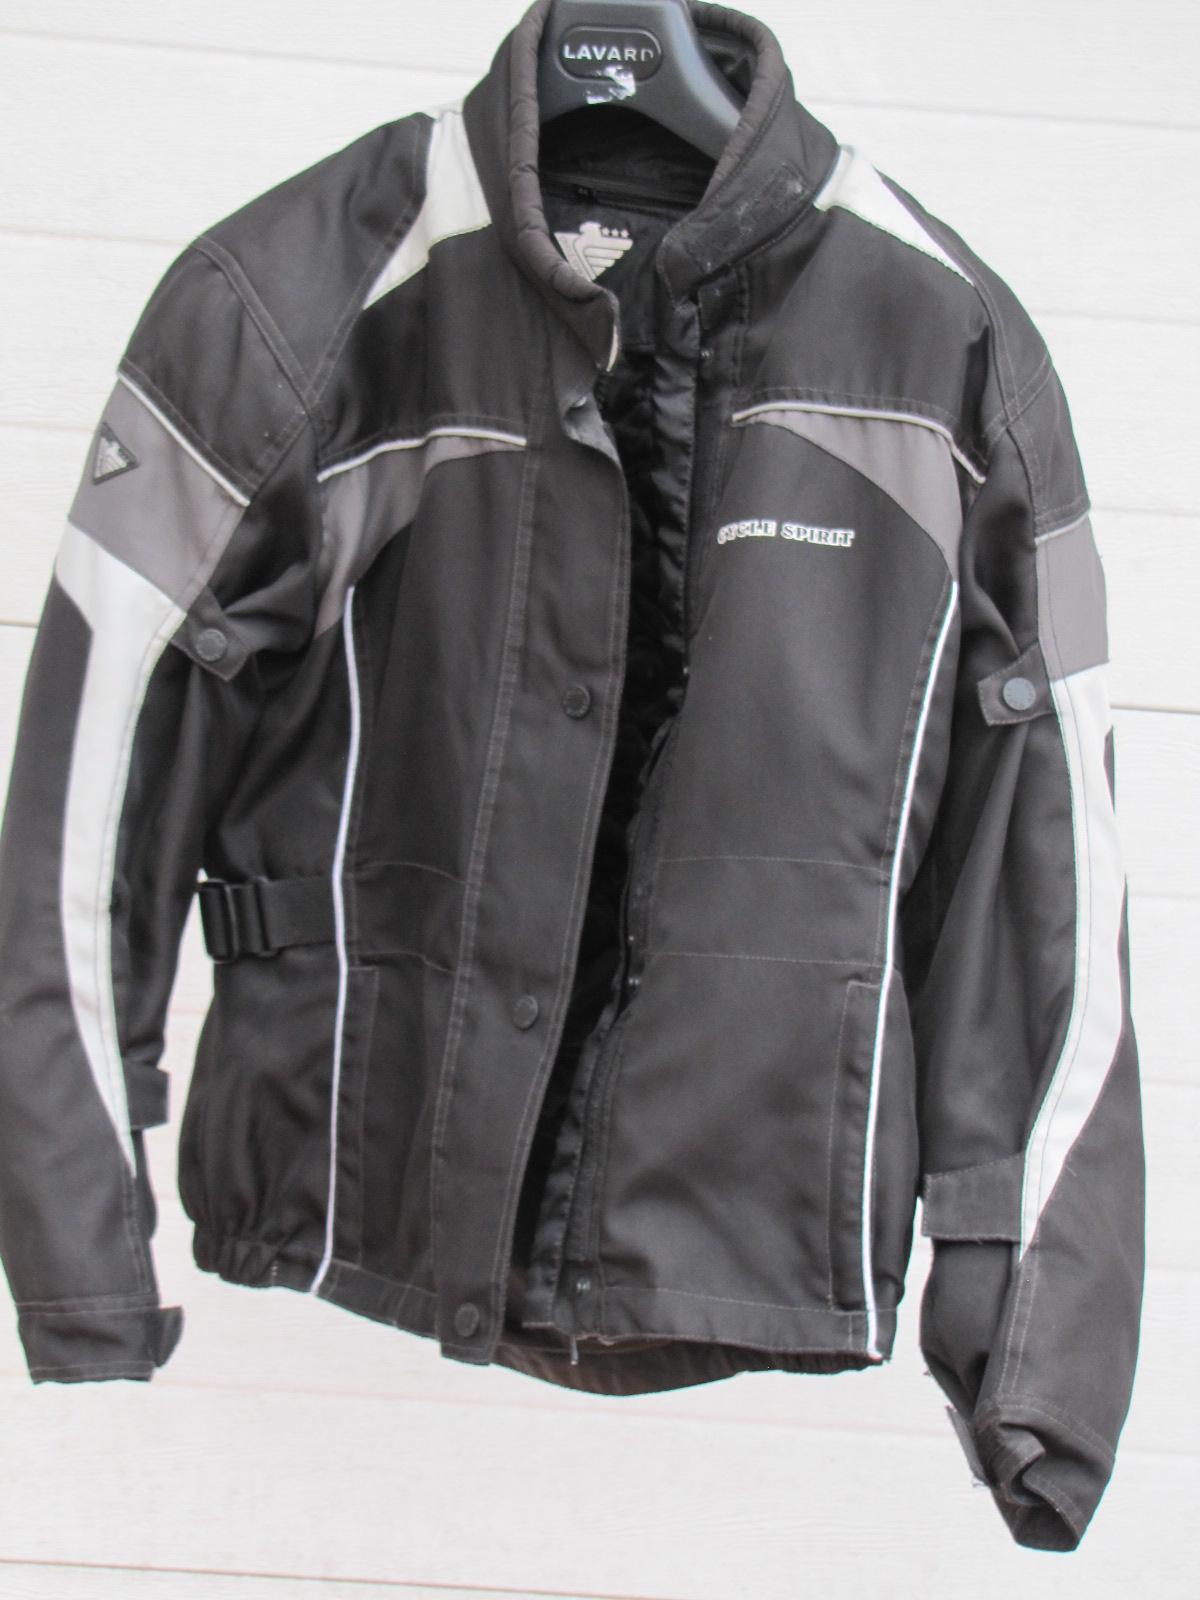 98322cc1fcbb9 Kurtka motocyklowa tekstylna CYCLE SPIRIT - 7305652092 - oficjalne ...